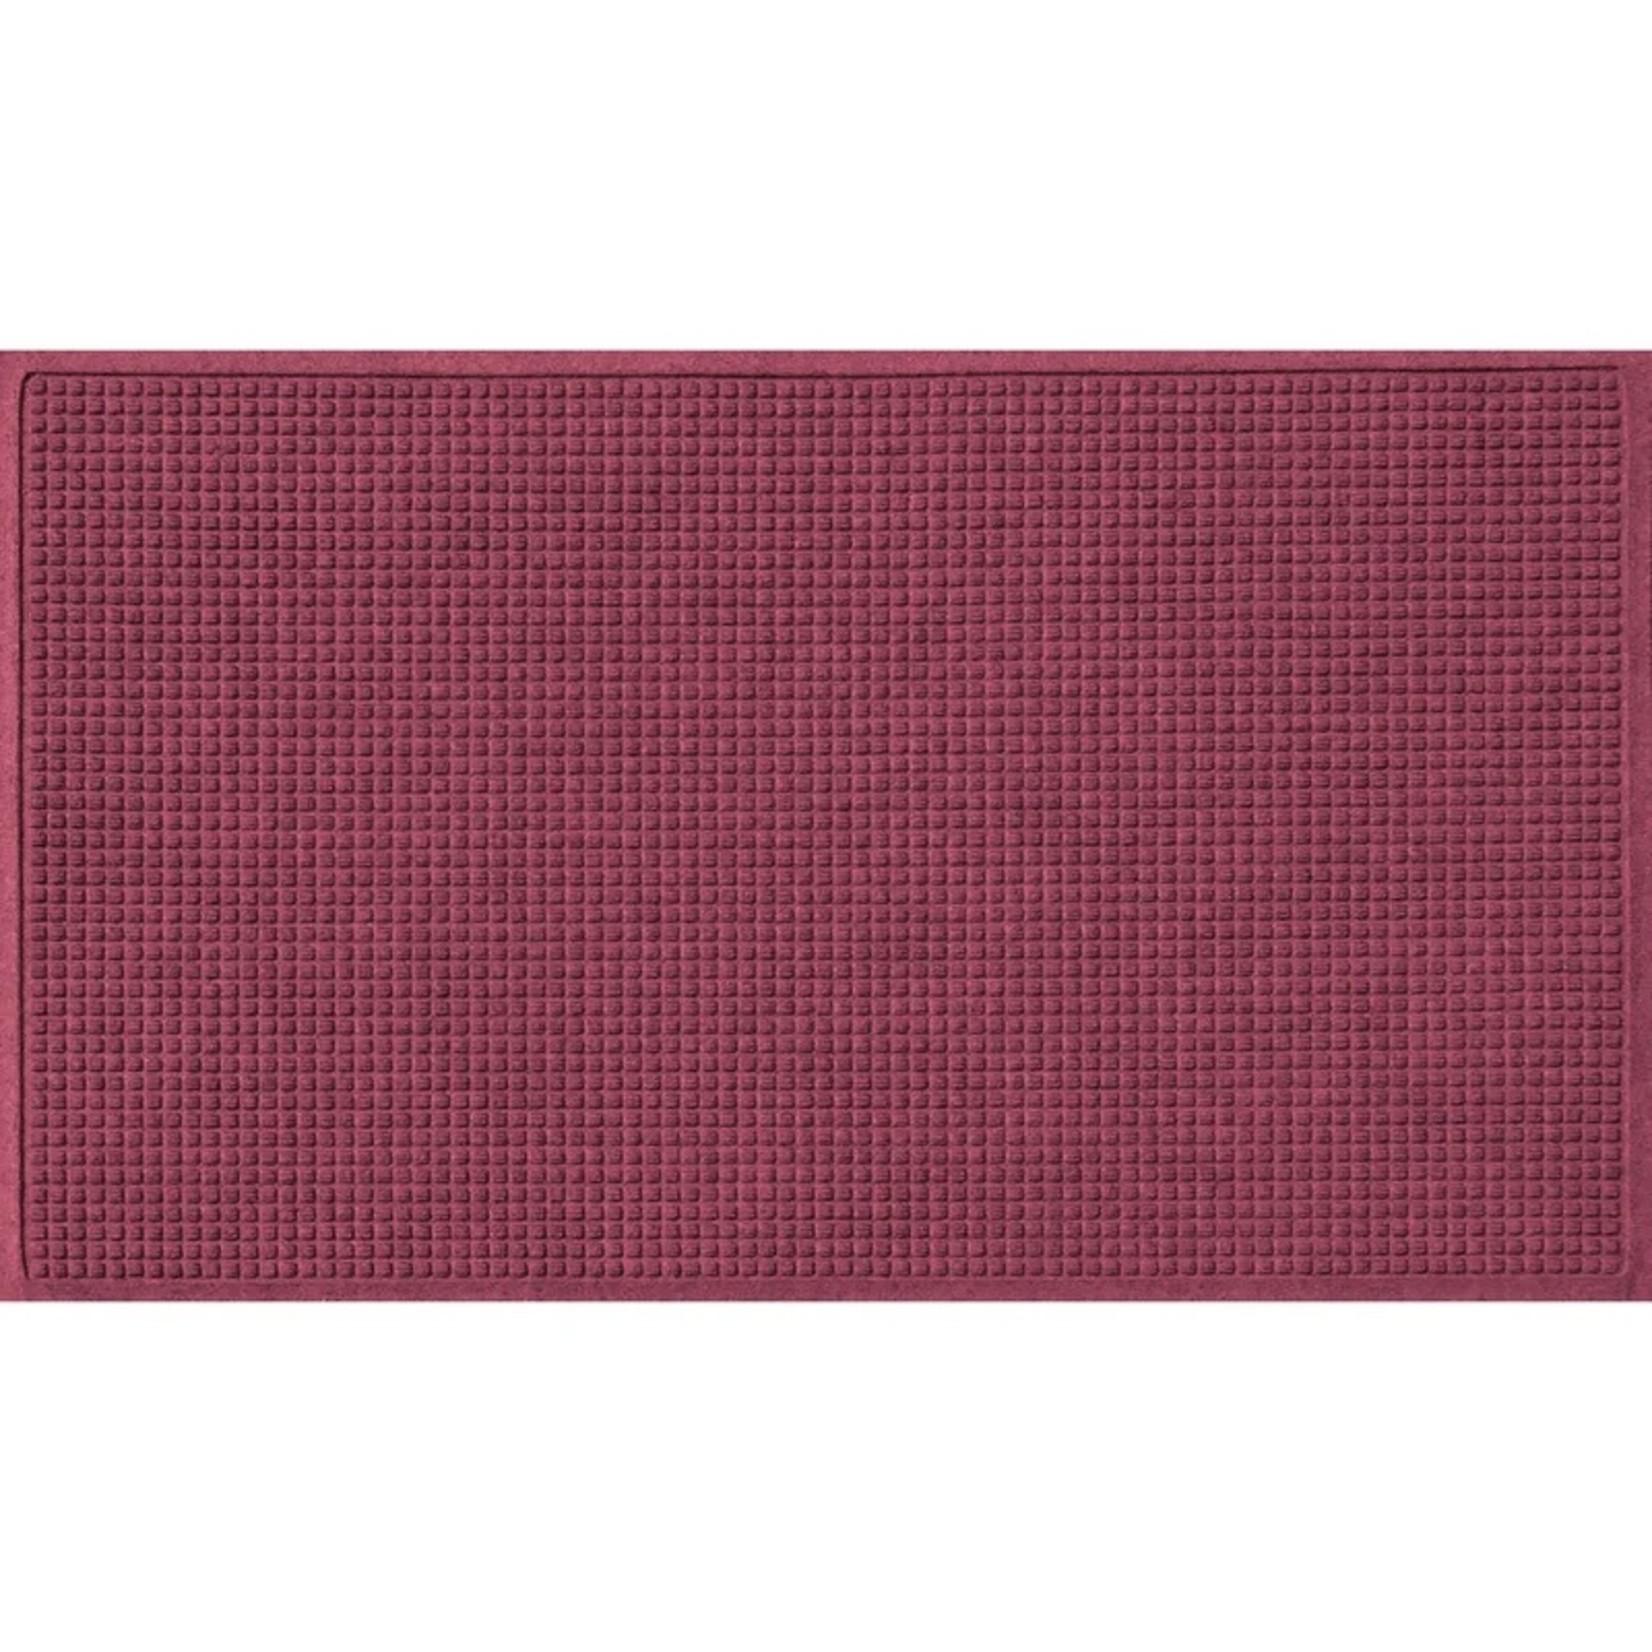 *2' x 3' - Aqua Shield Non-Slip Indoor Outdoor Door Mat